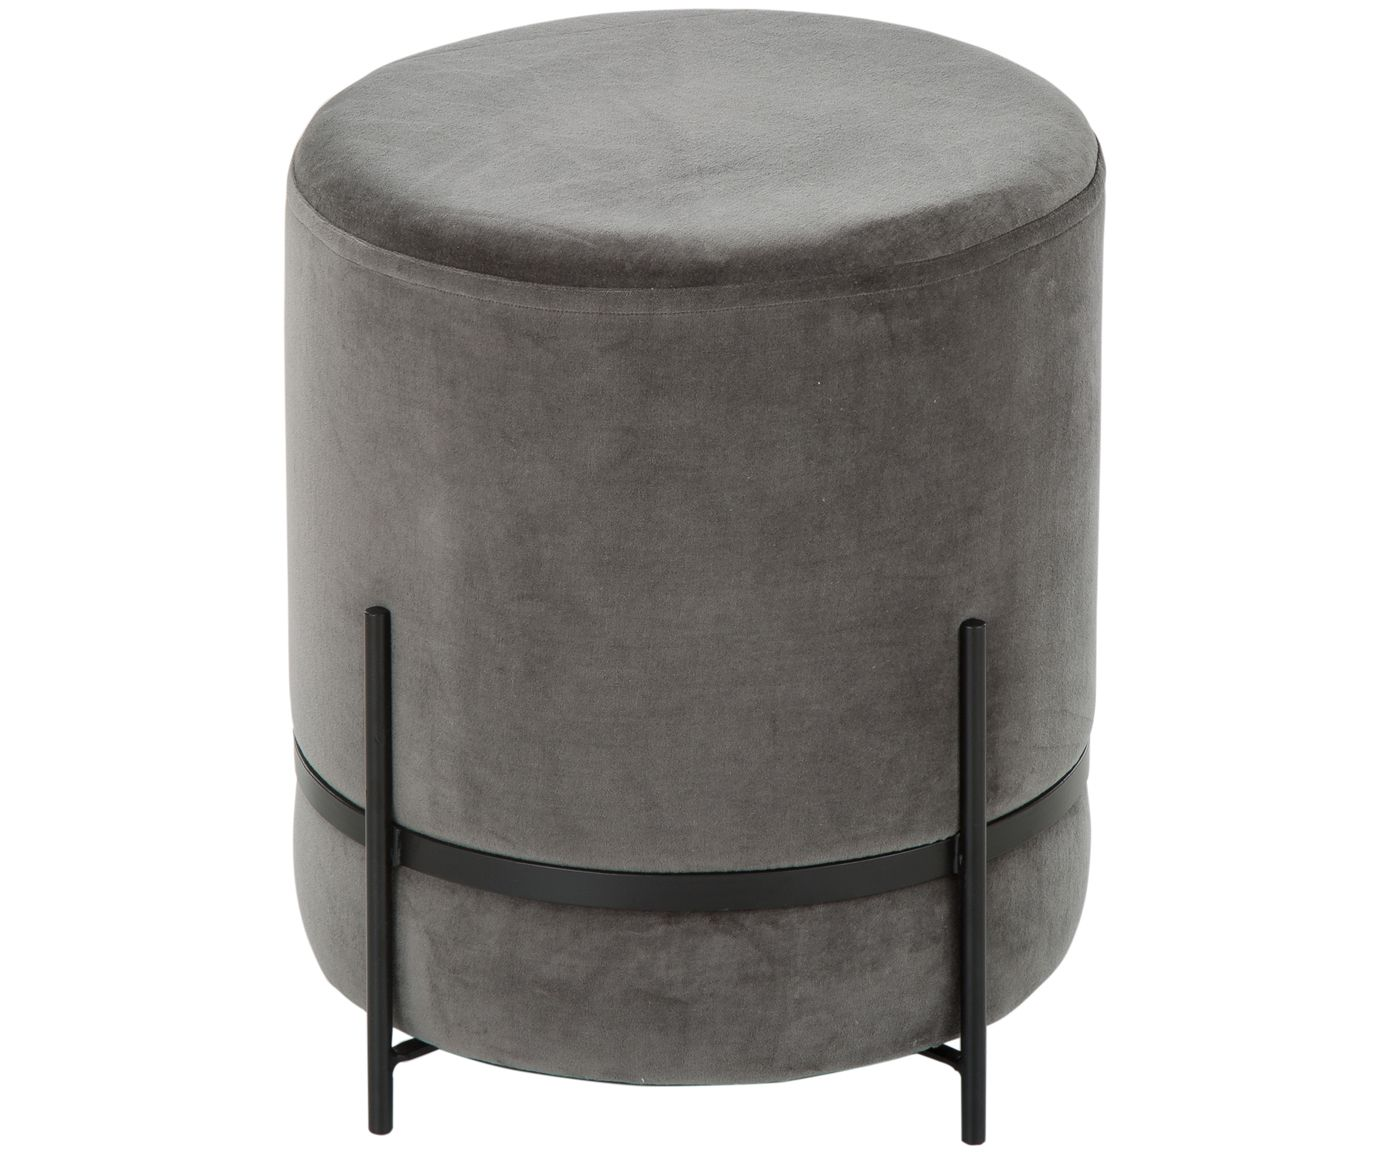 Sgabello in velluto haven sedie poltrone e divani sgabelli